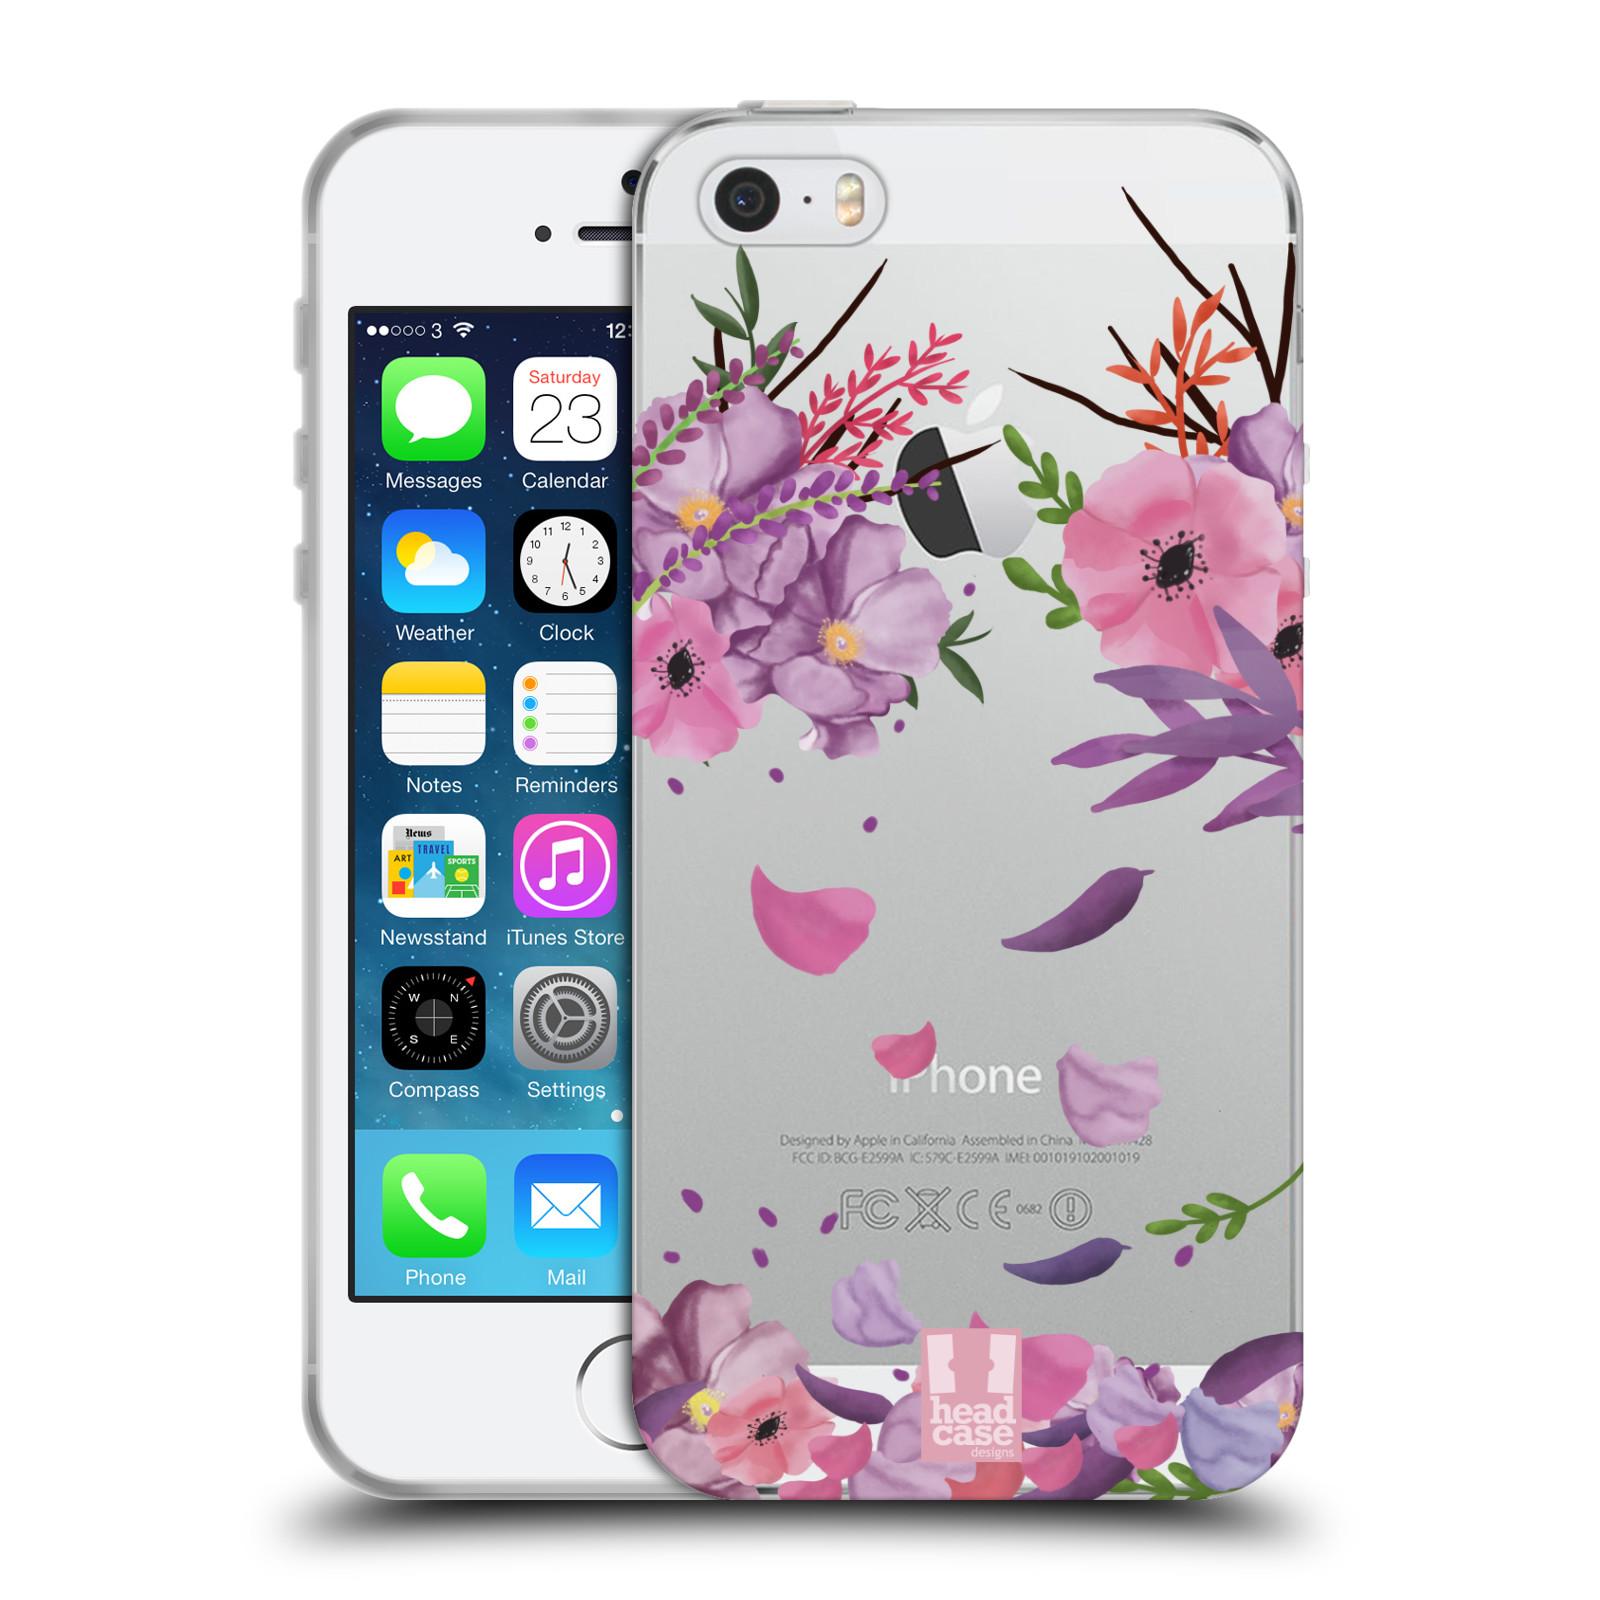 Silikonové pouzdro na mobil Apple iPhone 5, 5S, SE - Head Case - Okvětní lístky